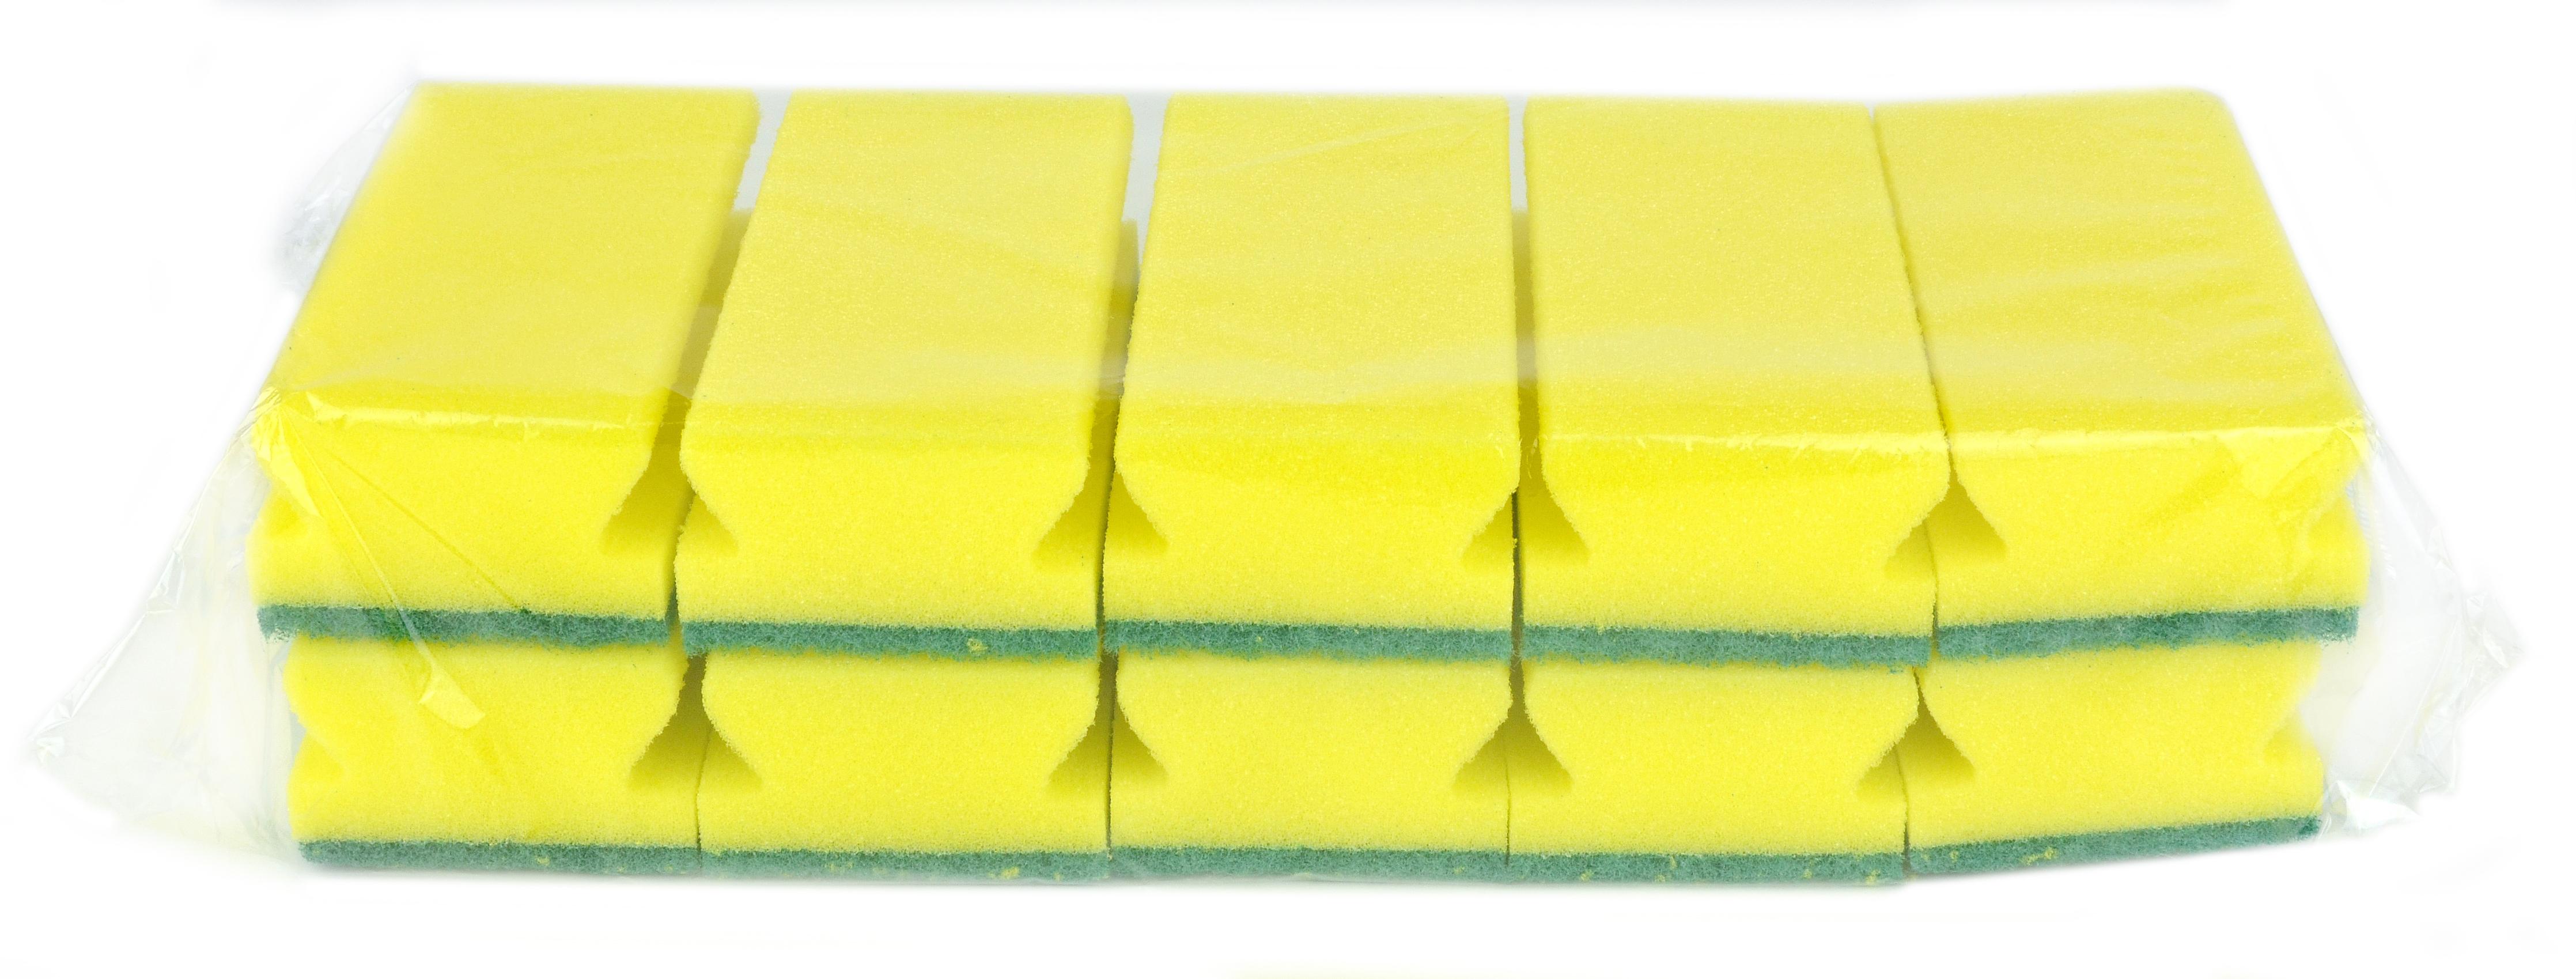 CLEANLINE schuurspons hard groene pad